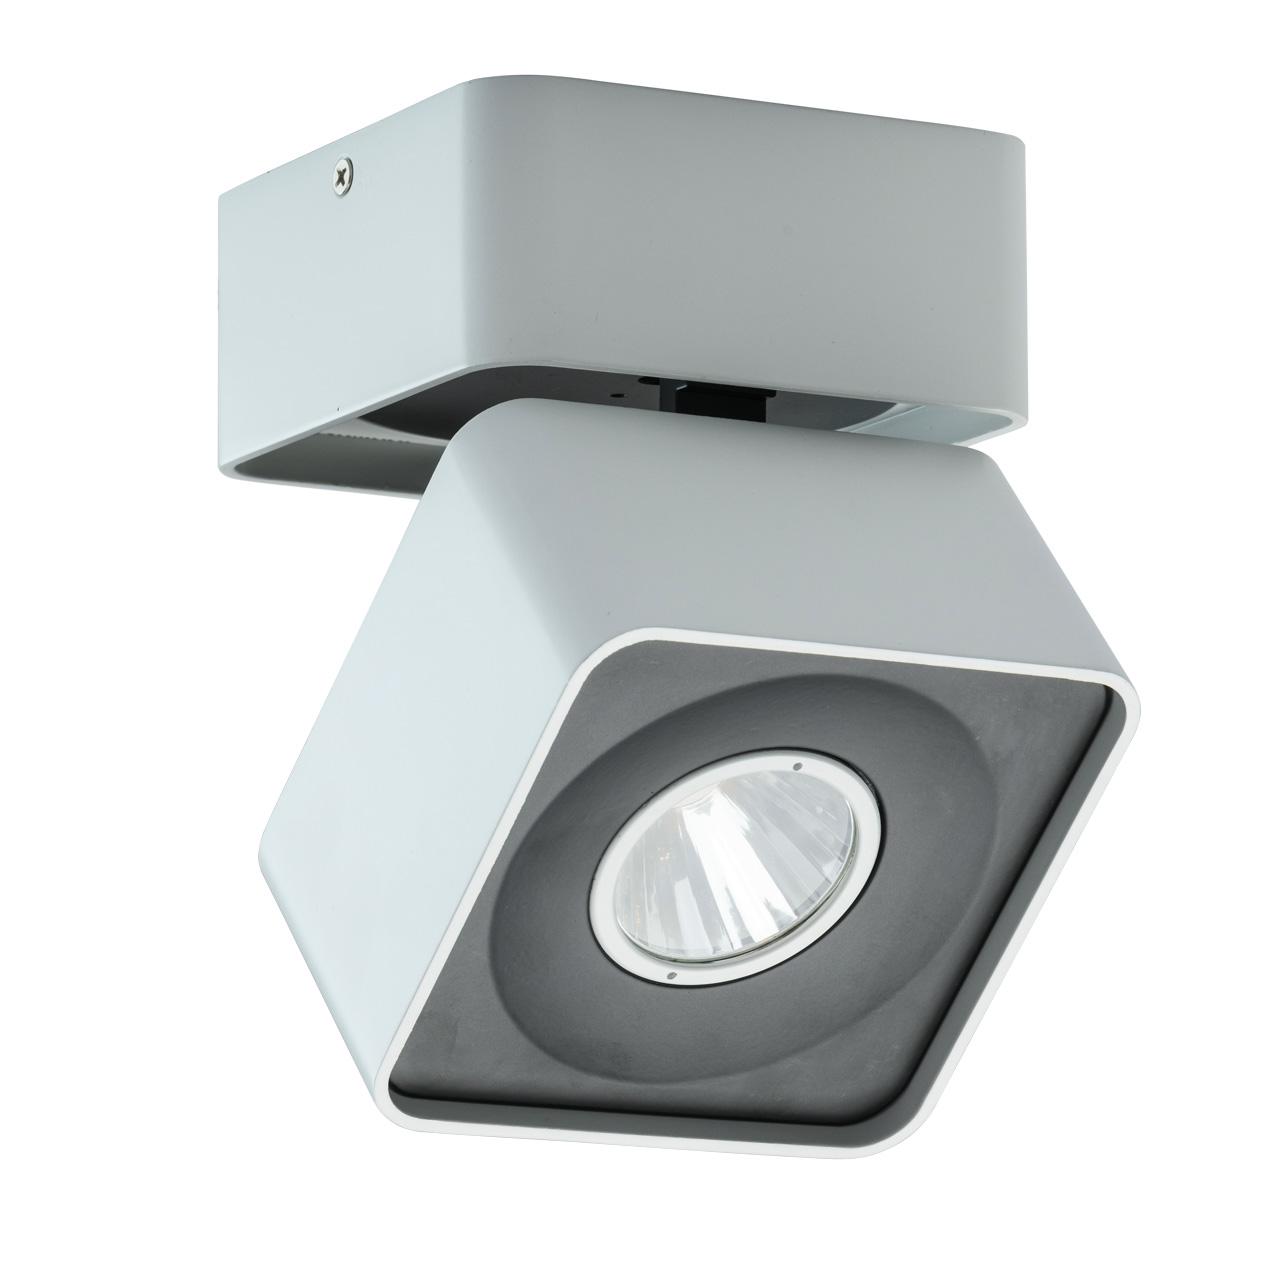 Светильник De markt 637016901 1/33w led светильник de markt 813010401